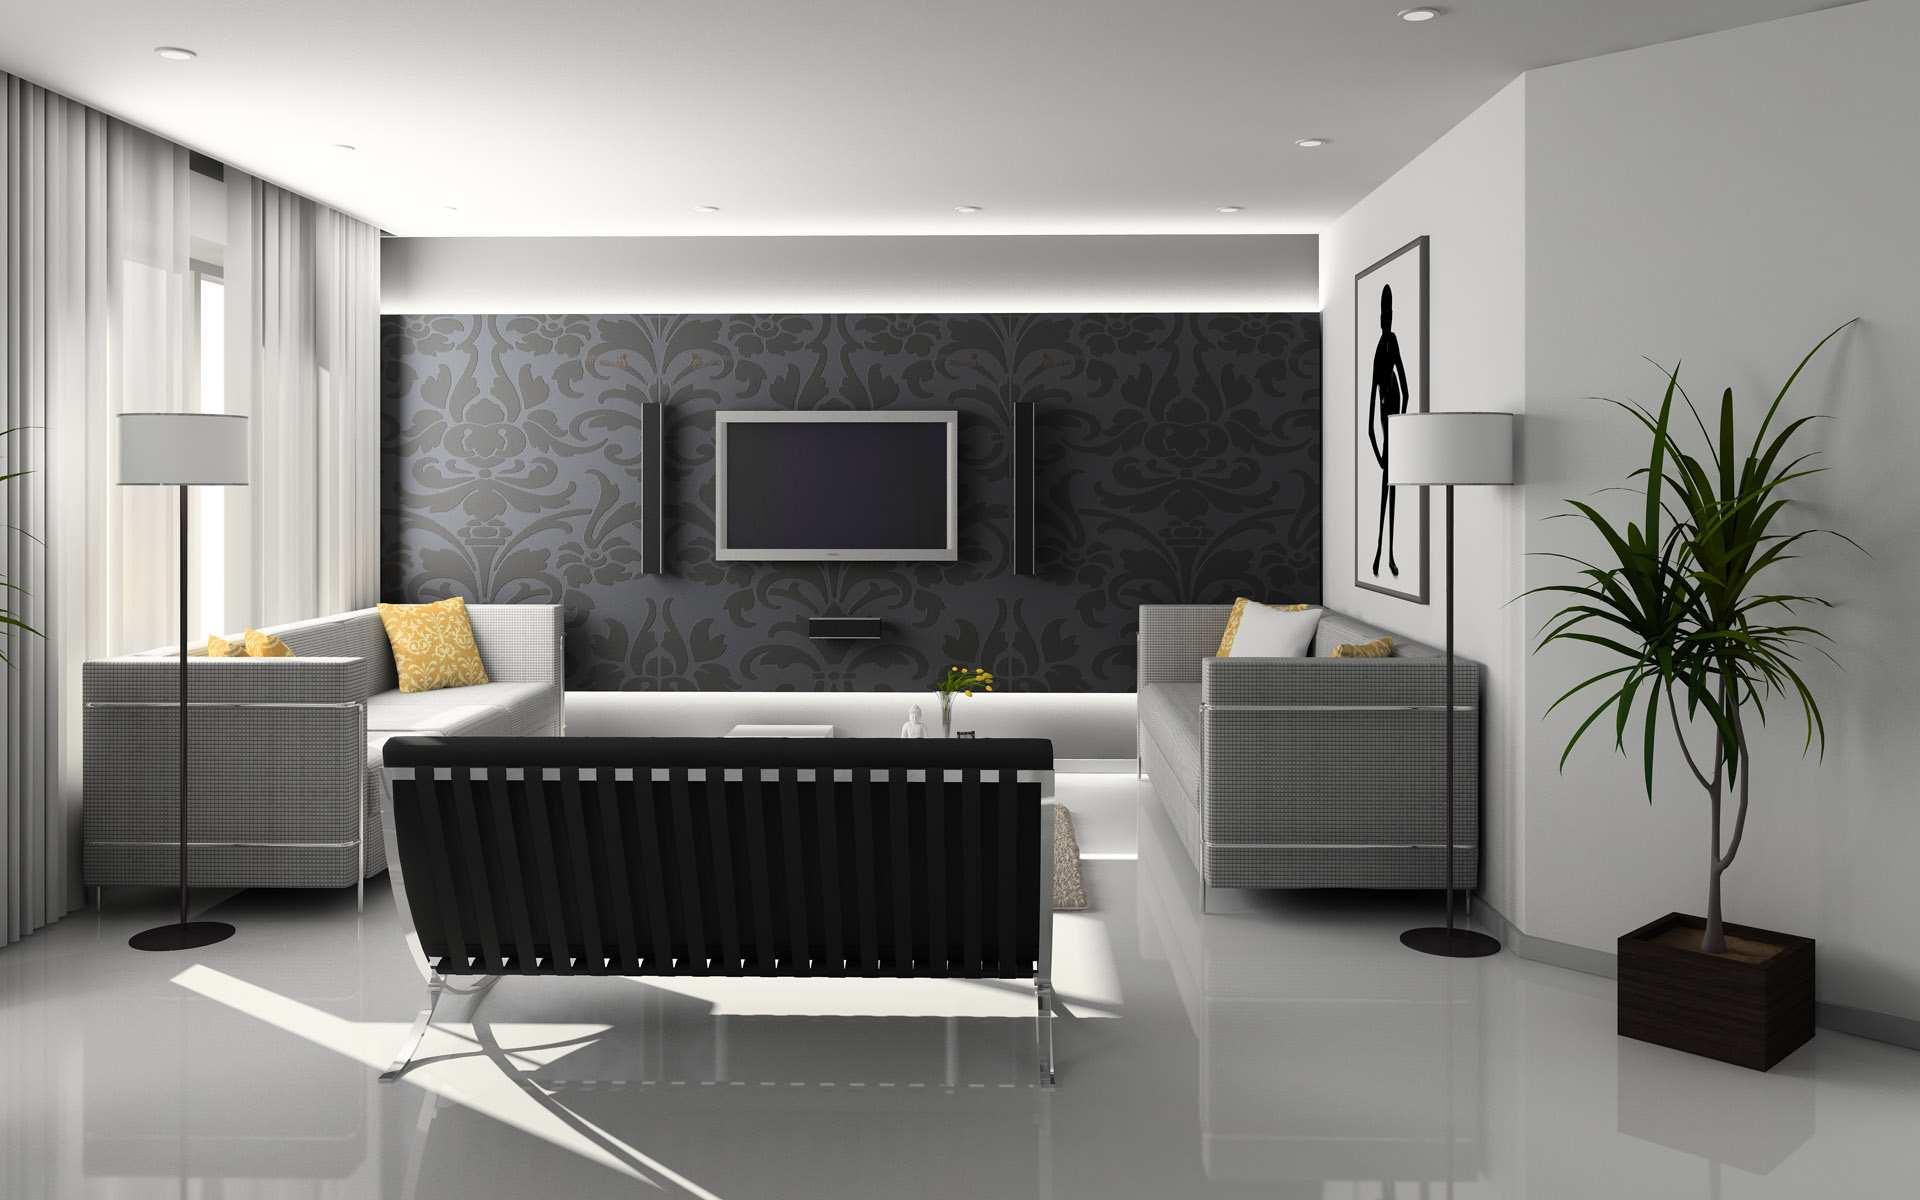 Home Interior Designing House Designerraleigh kitchen cabinets